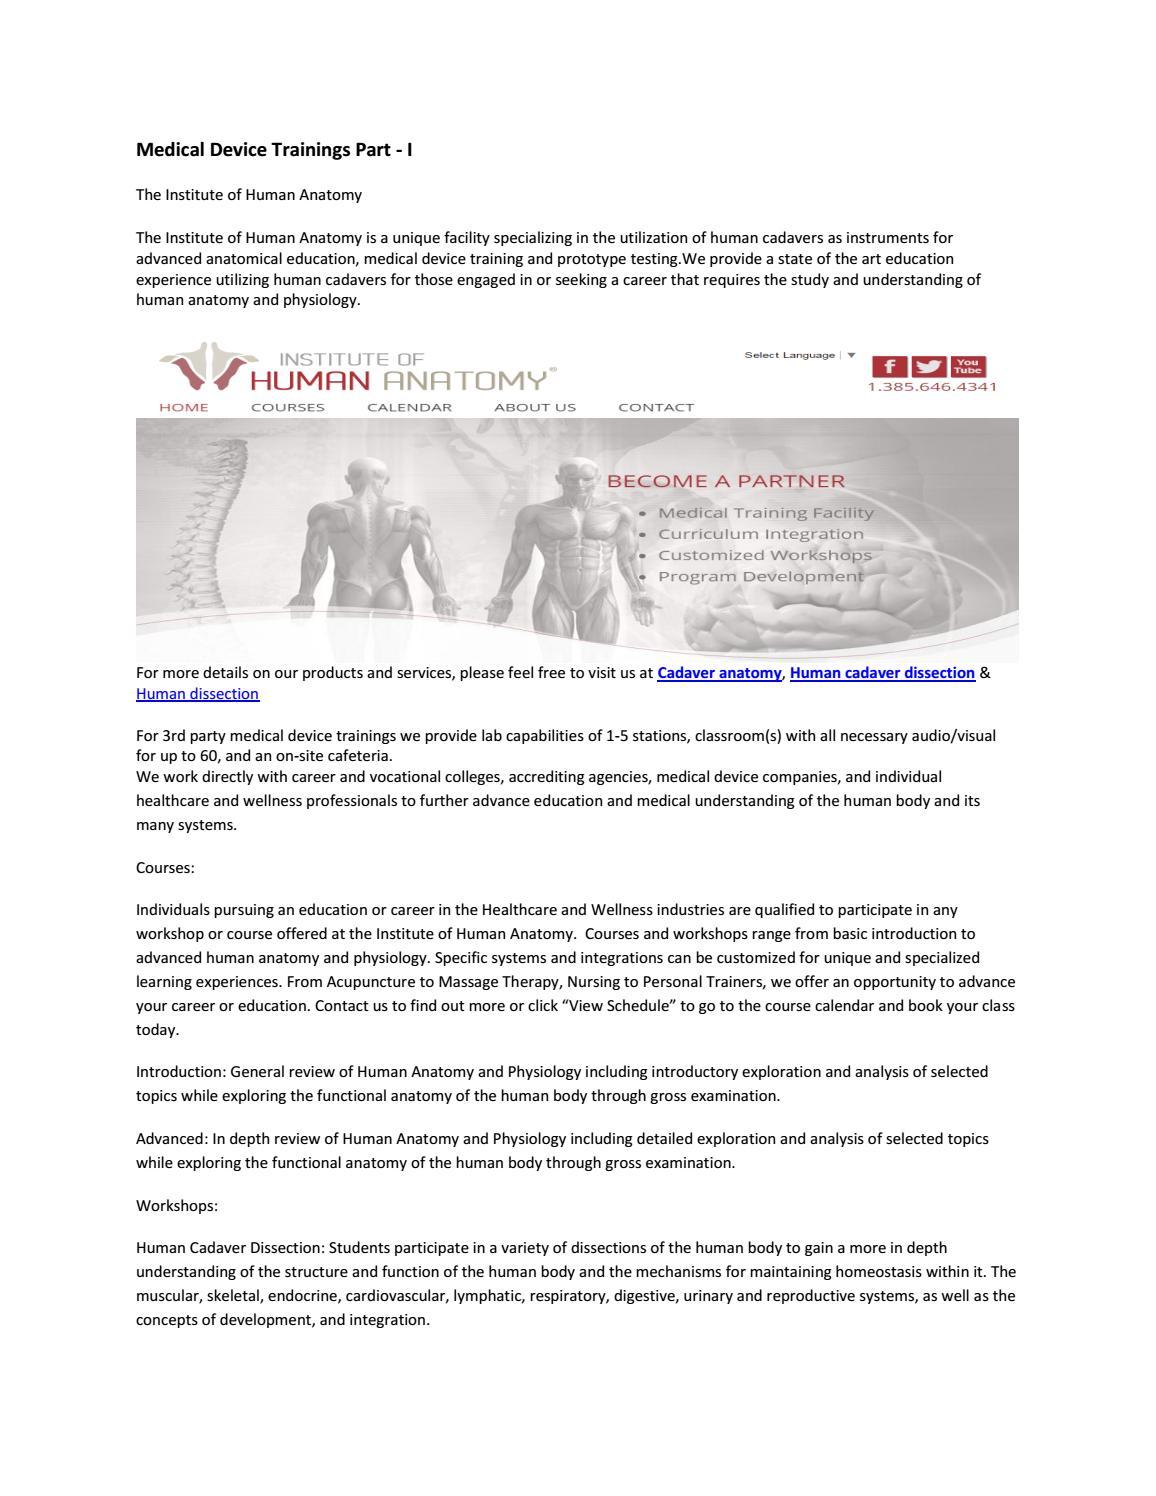 Increíble Audio Anatomy And Physiology Free Imágenes - Anatomía de ...